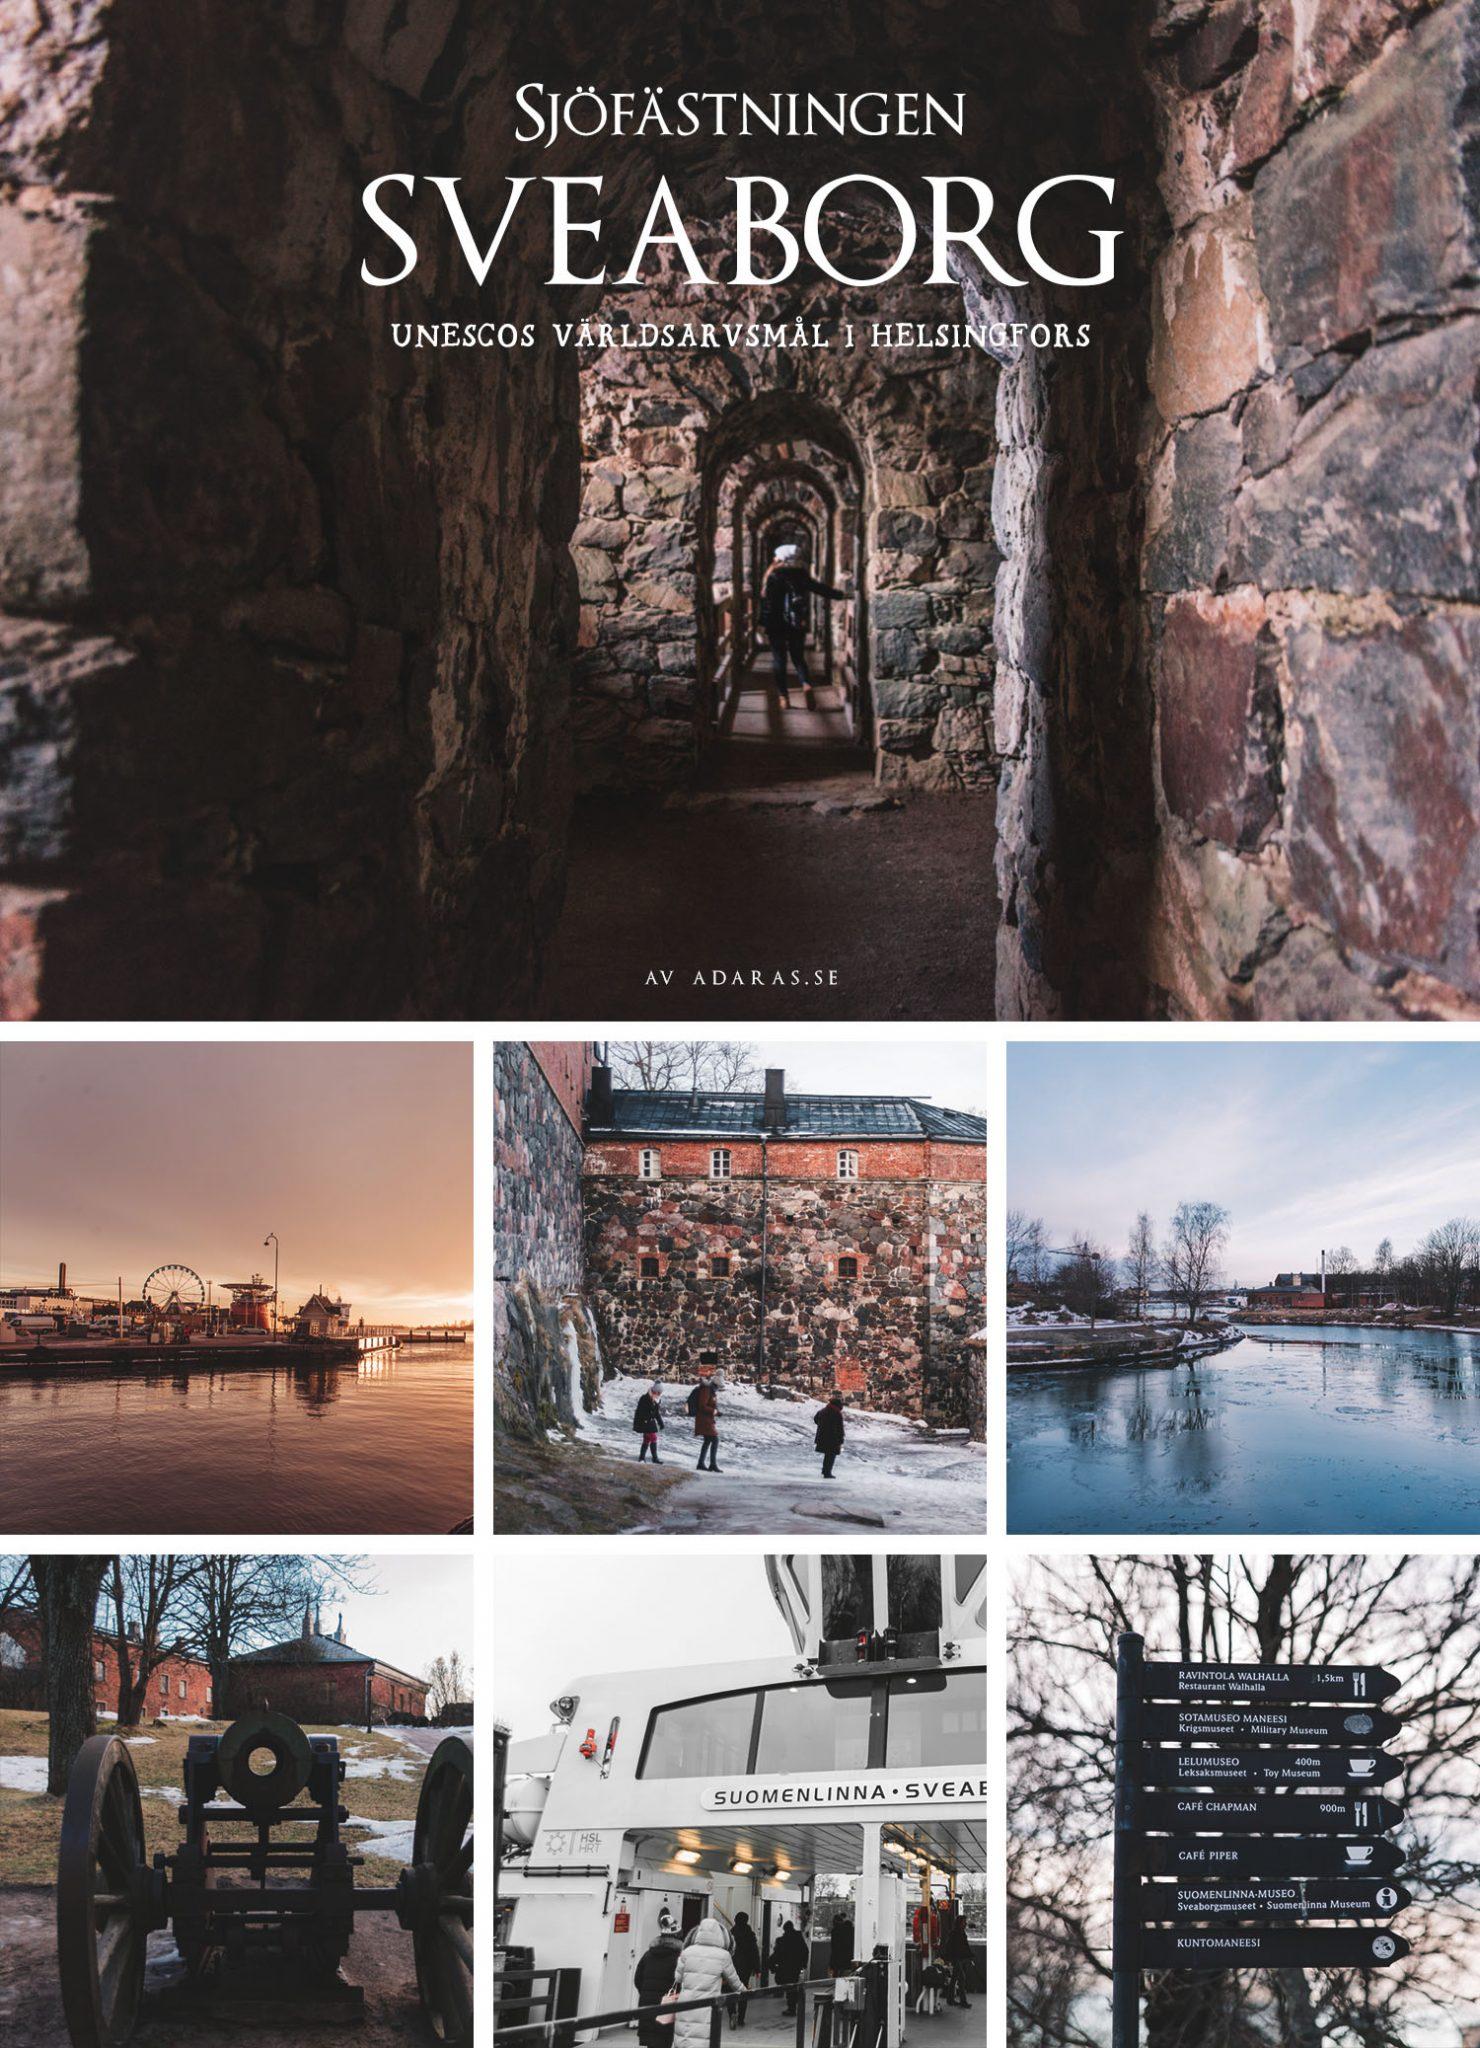 Sjöfästningen Sveaborg - UNESCOs världsarv utanför Helsingfors